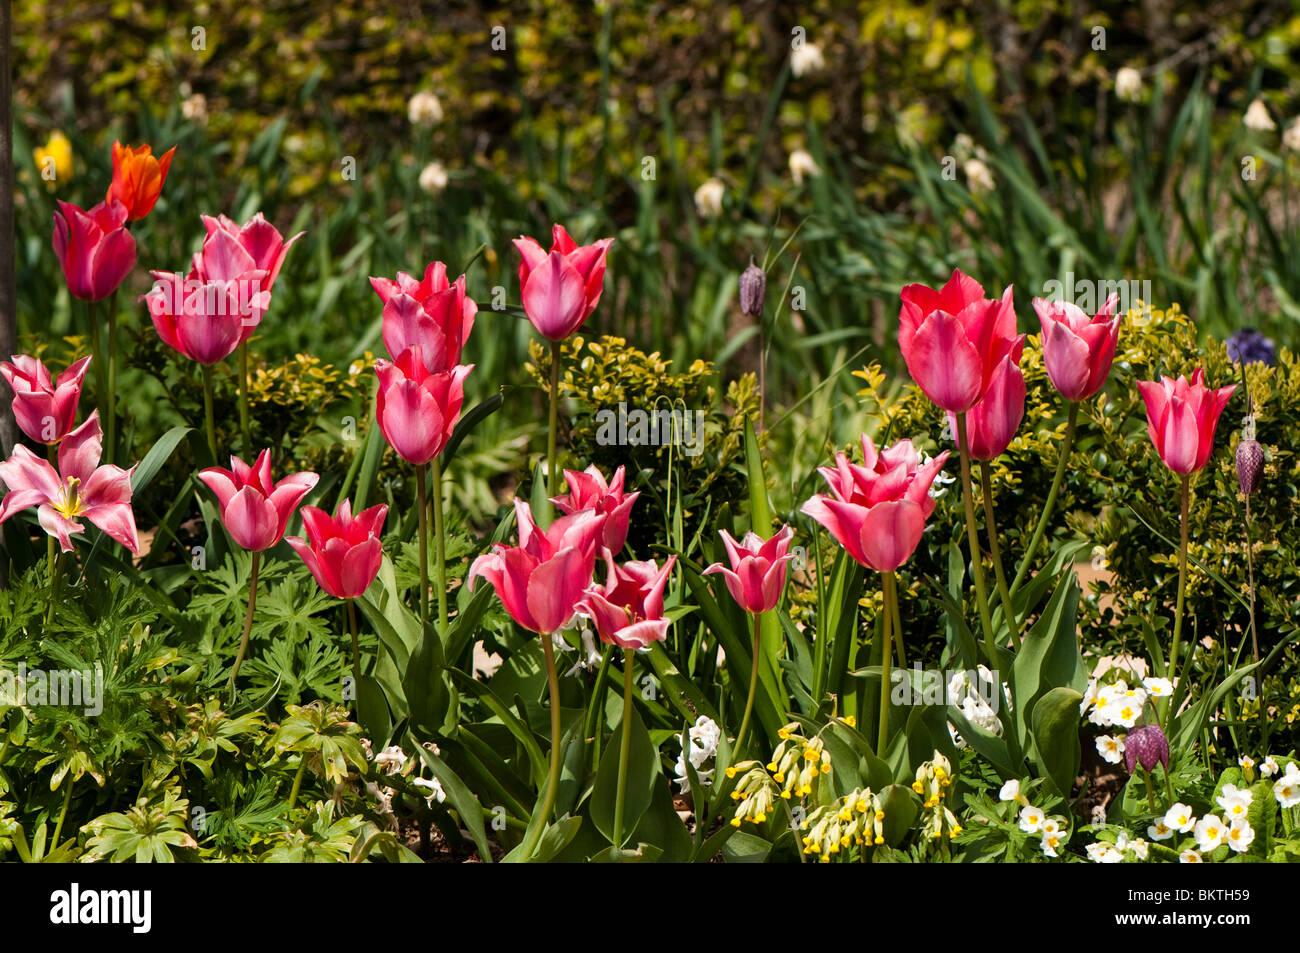 Jardin en bordure de couleur vive au printemps fleurs Banque D ...